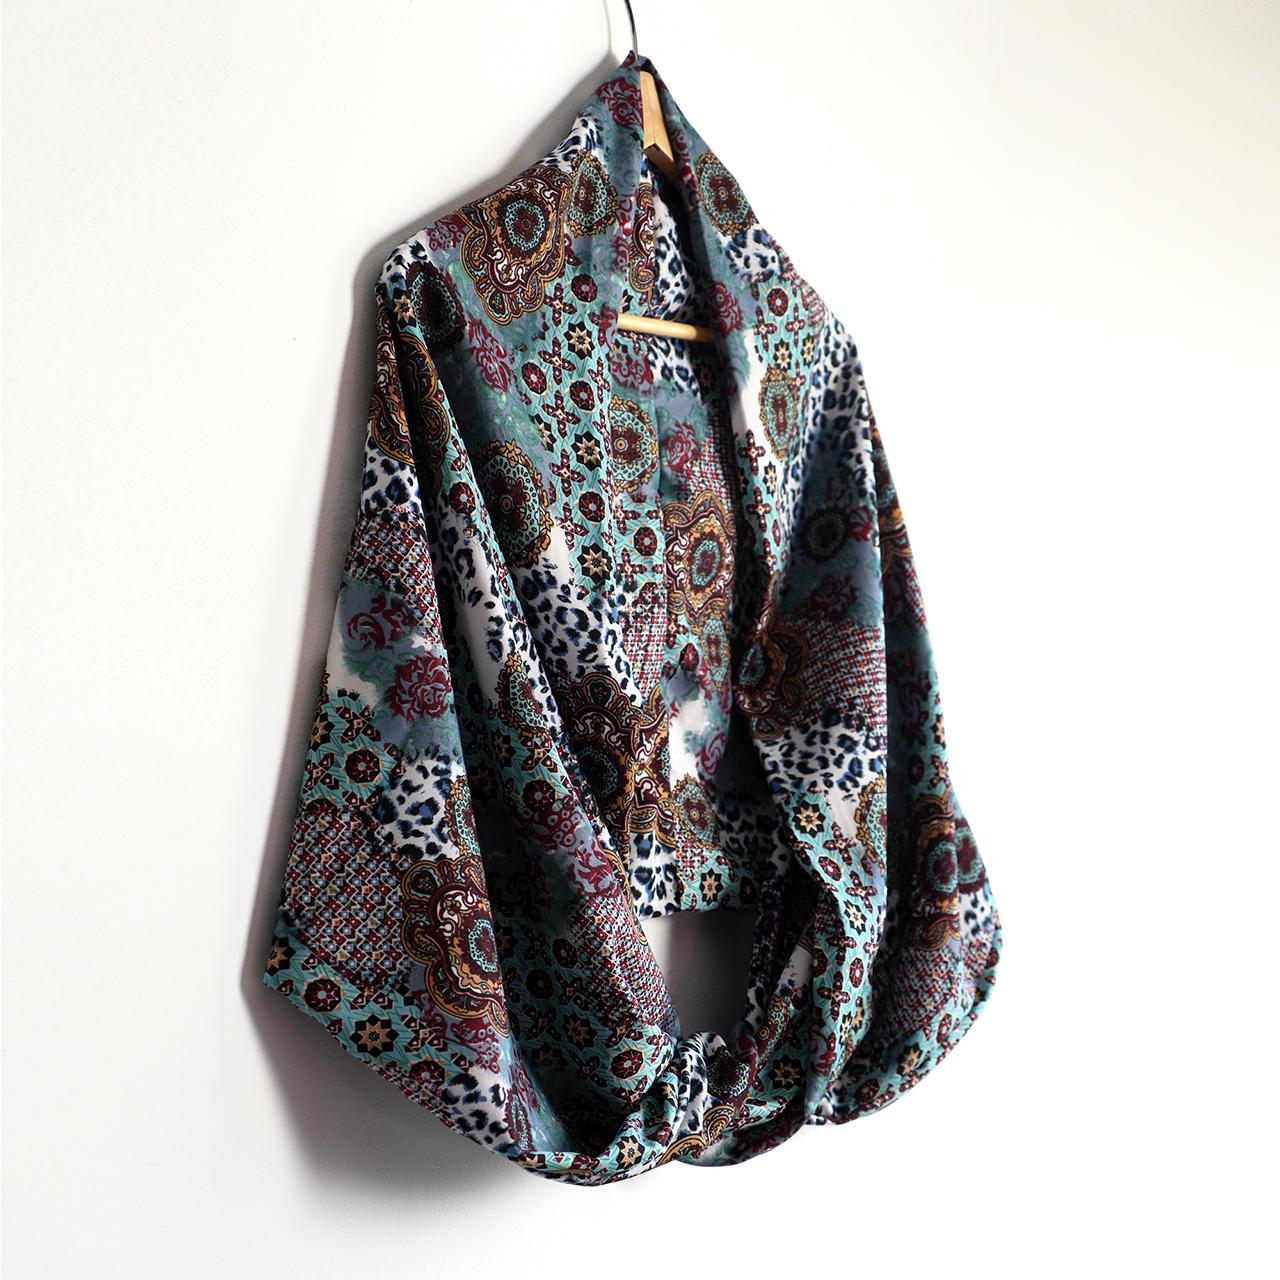 bfdcfbc86 Snood foulard femme infini long bouffant tissu imprimé motifs variés  mosaïques fleurs étoiles léopard écharpe bleu multicolore fait main